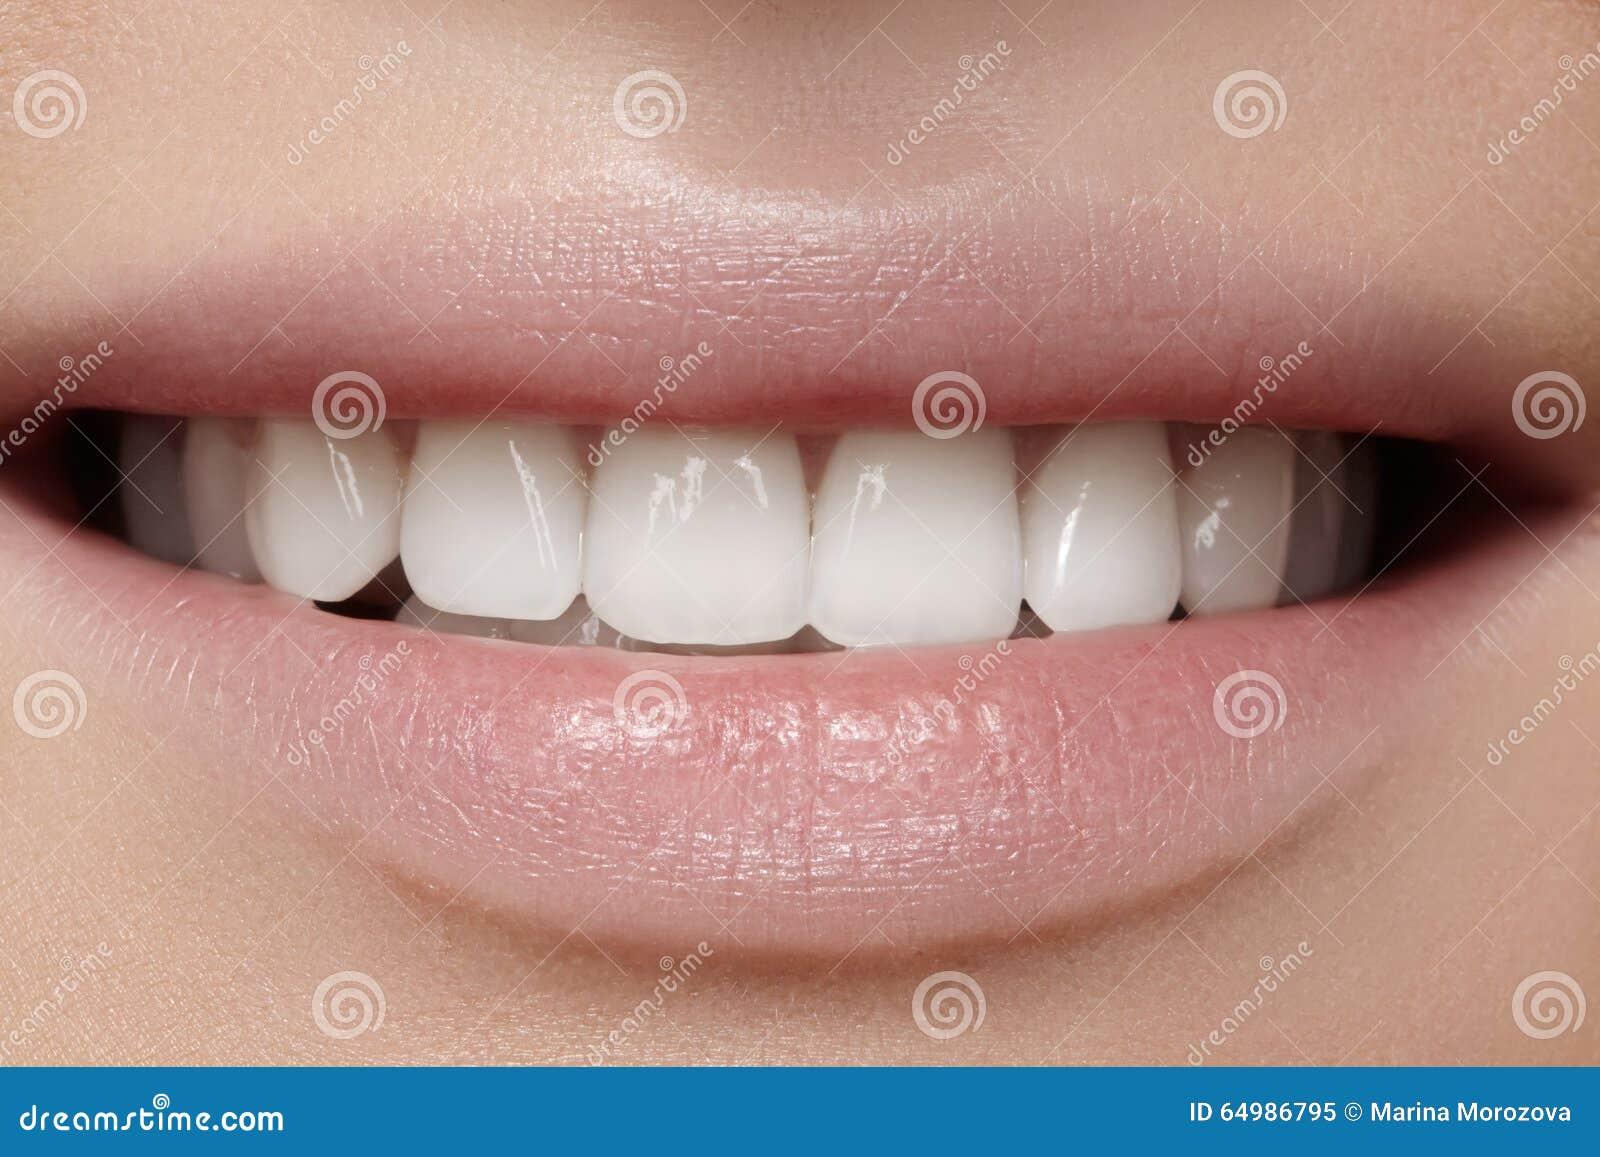 зубы perfect smile veneers видео